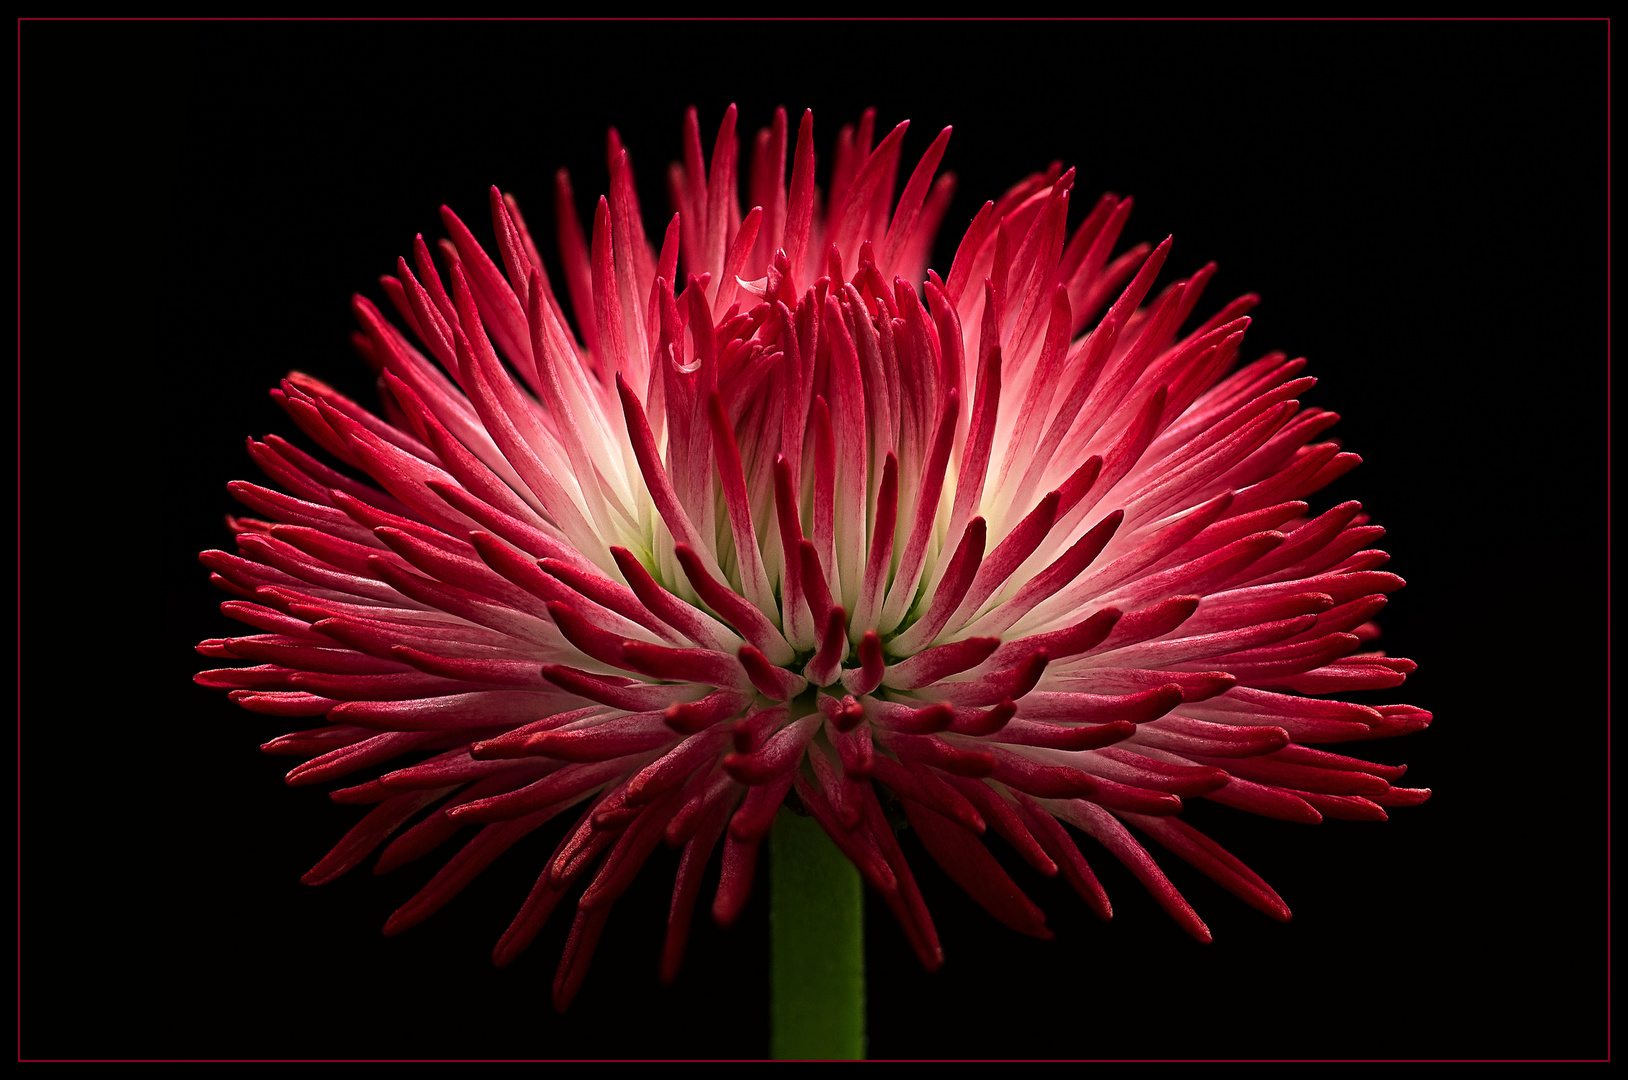 Mit einem Blumen-Feuerwerk beginne ich das Fotojahr 2020